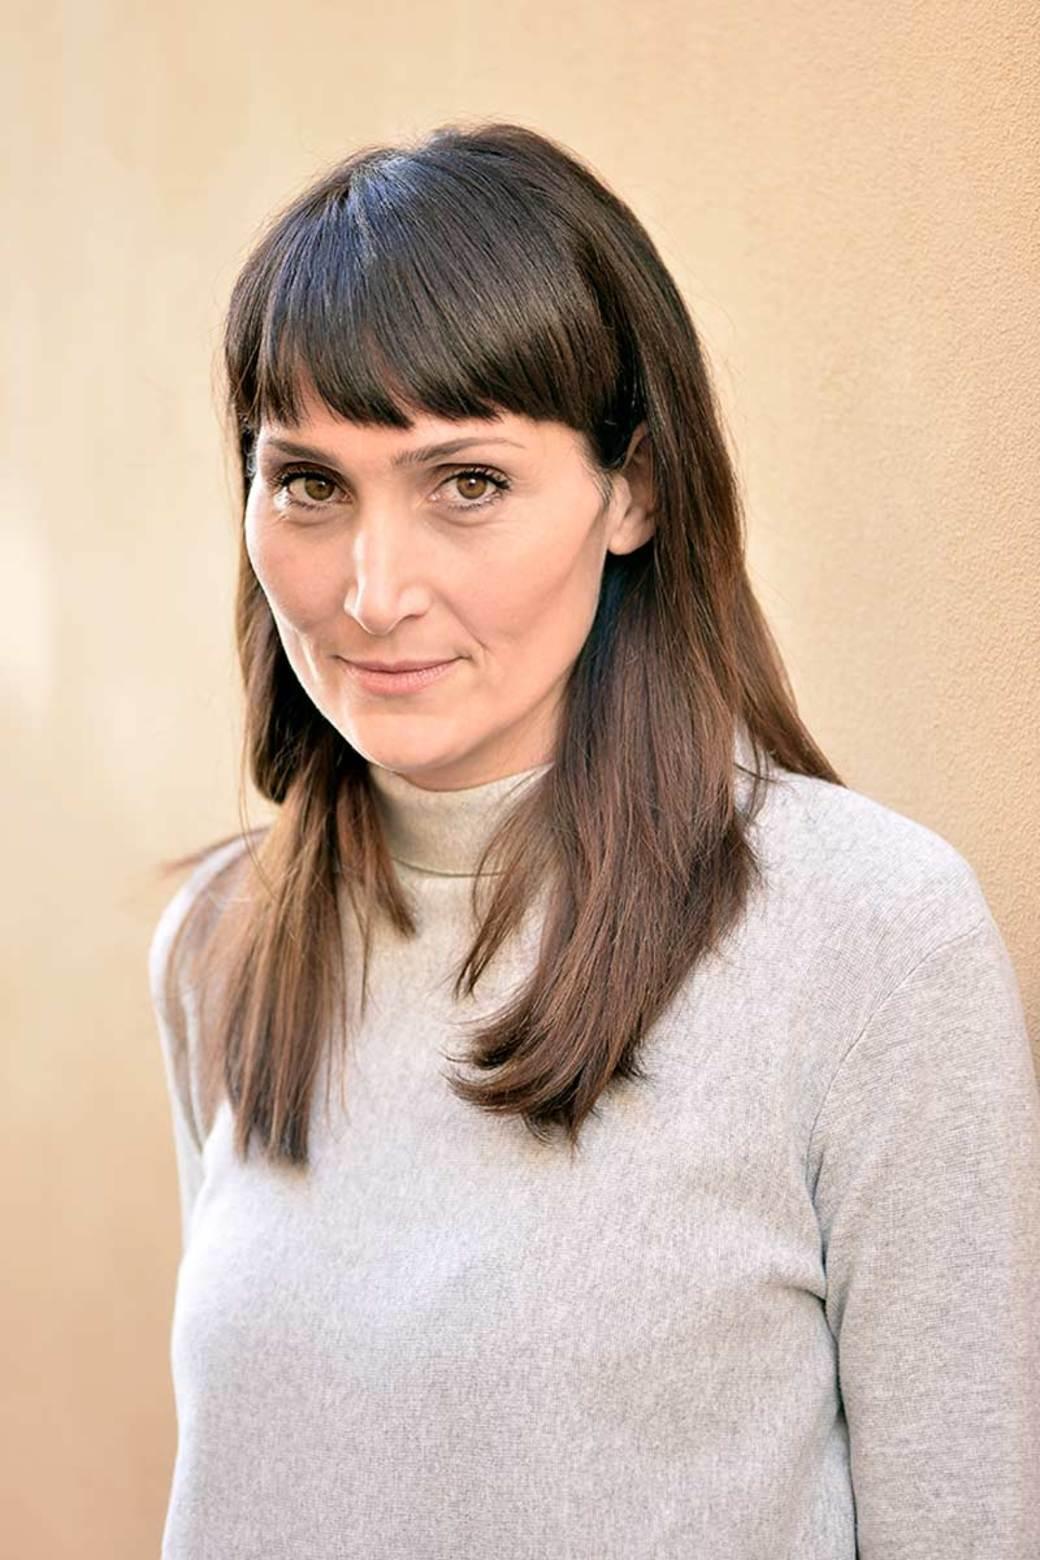 Francesca Pazzagli